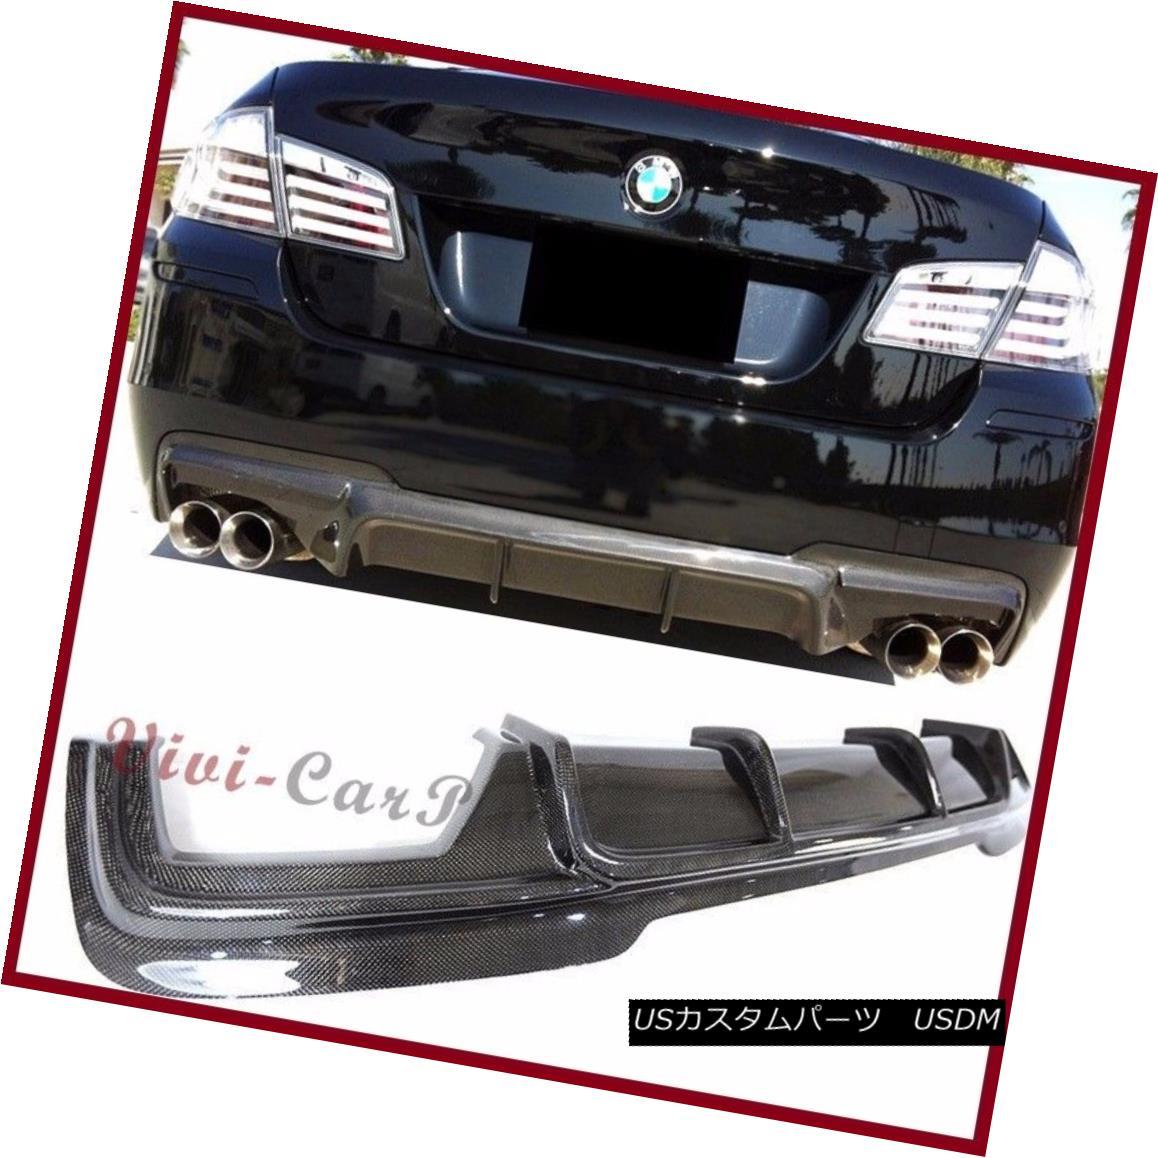 エアロパーツ Fit BMW 11-15 F10 535i 528i Sedan M Sporty Bumper V Style Carbon Fiber Diffuser フィットBMW 11-15 F10 535i 528iセダンMスポーティバンパーVスタイルカーボンファイバーディフューザー